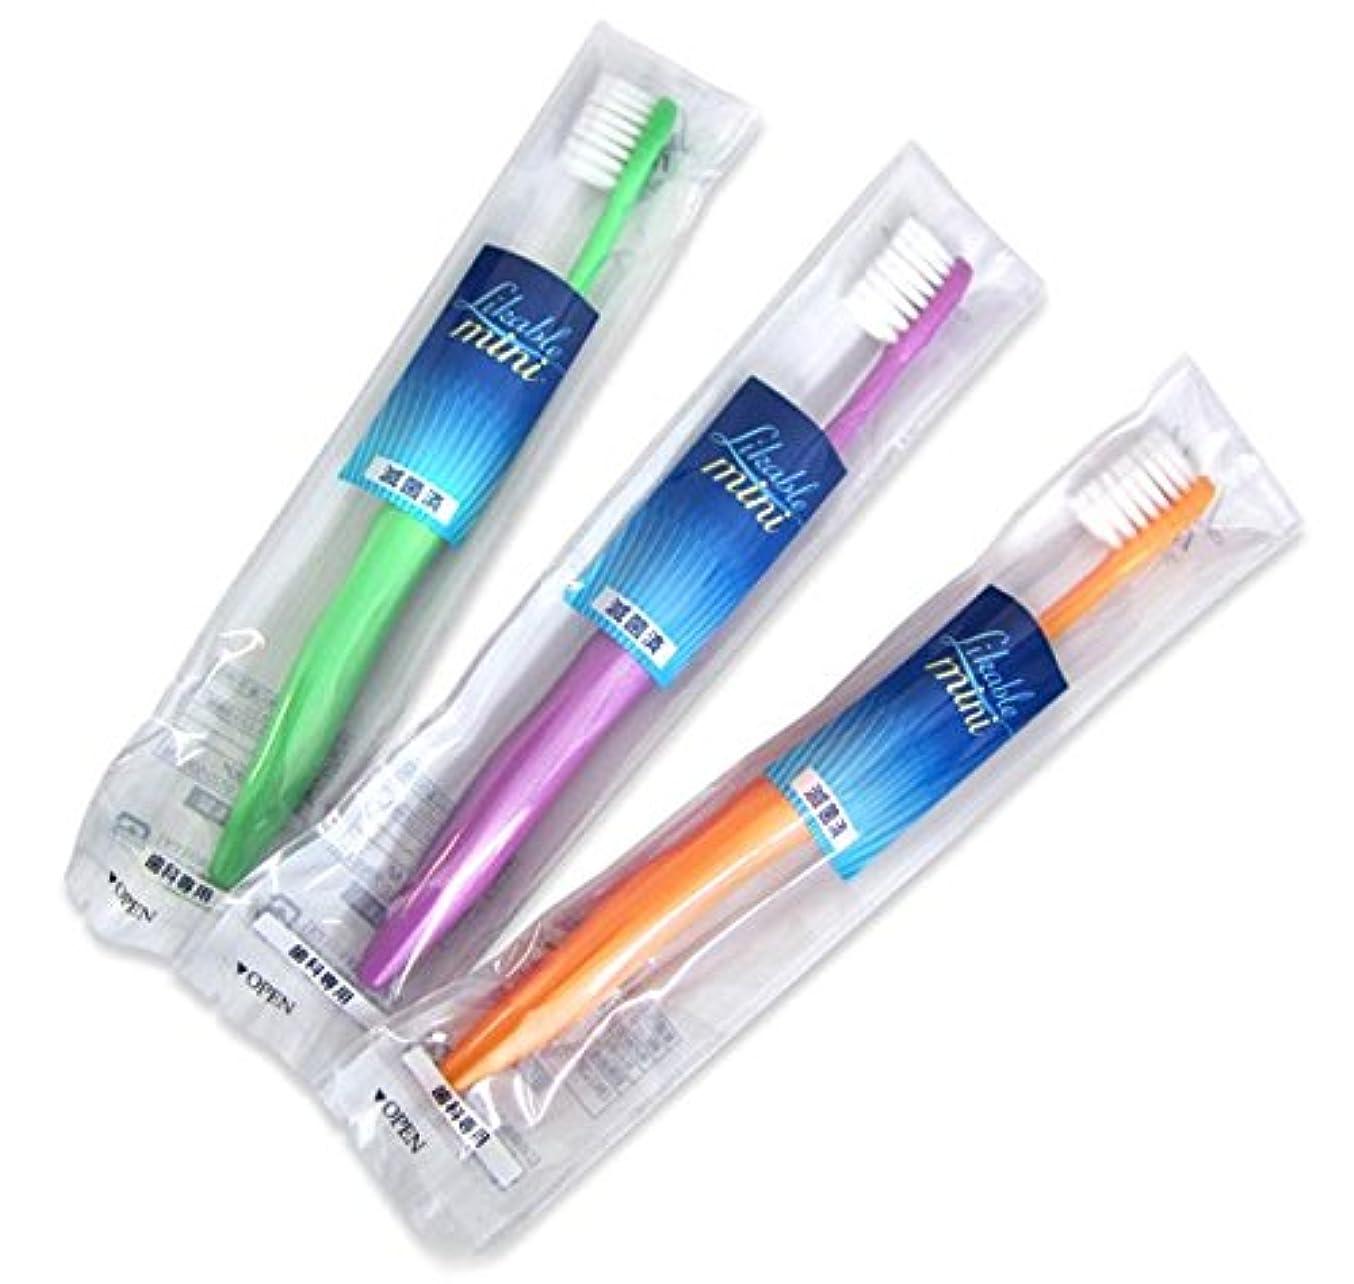 発表する救出分離するライカブル ミニ歯ブラシ 12本入